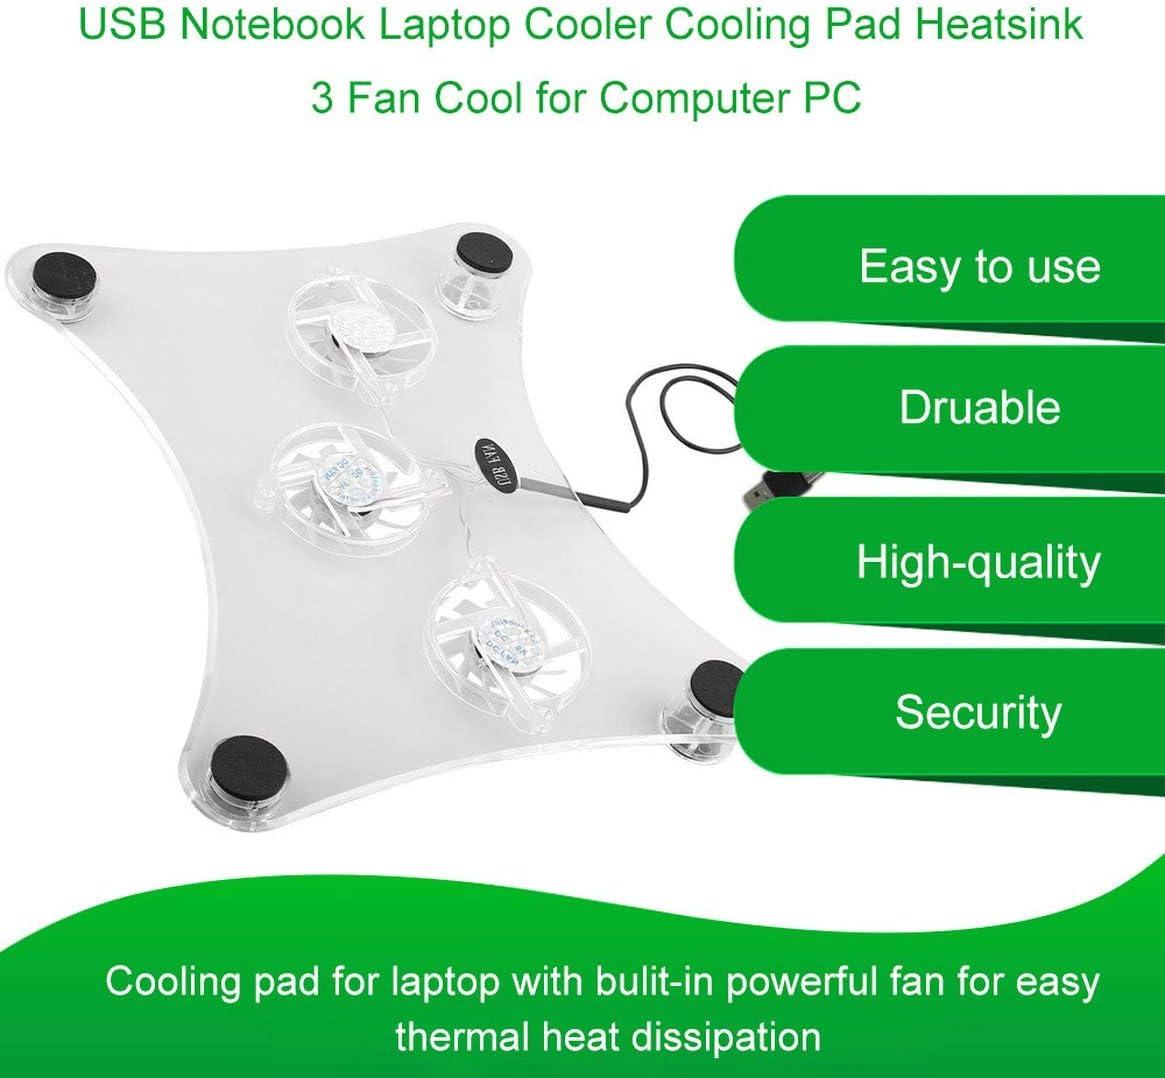 Kongqiabona-UK USB Laptop Cooler Pad di Raffreddamento Dissipatore di Calore 3 Ventola di Raffreddamento per PC PC Bulit-in Potente Ventola